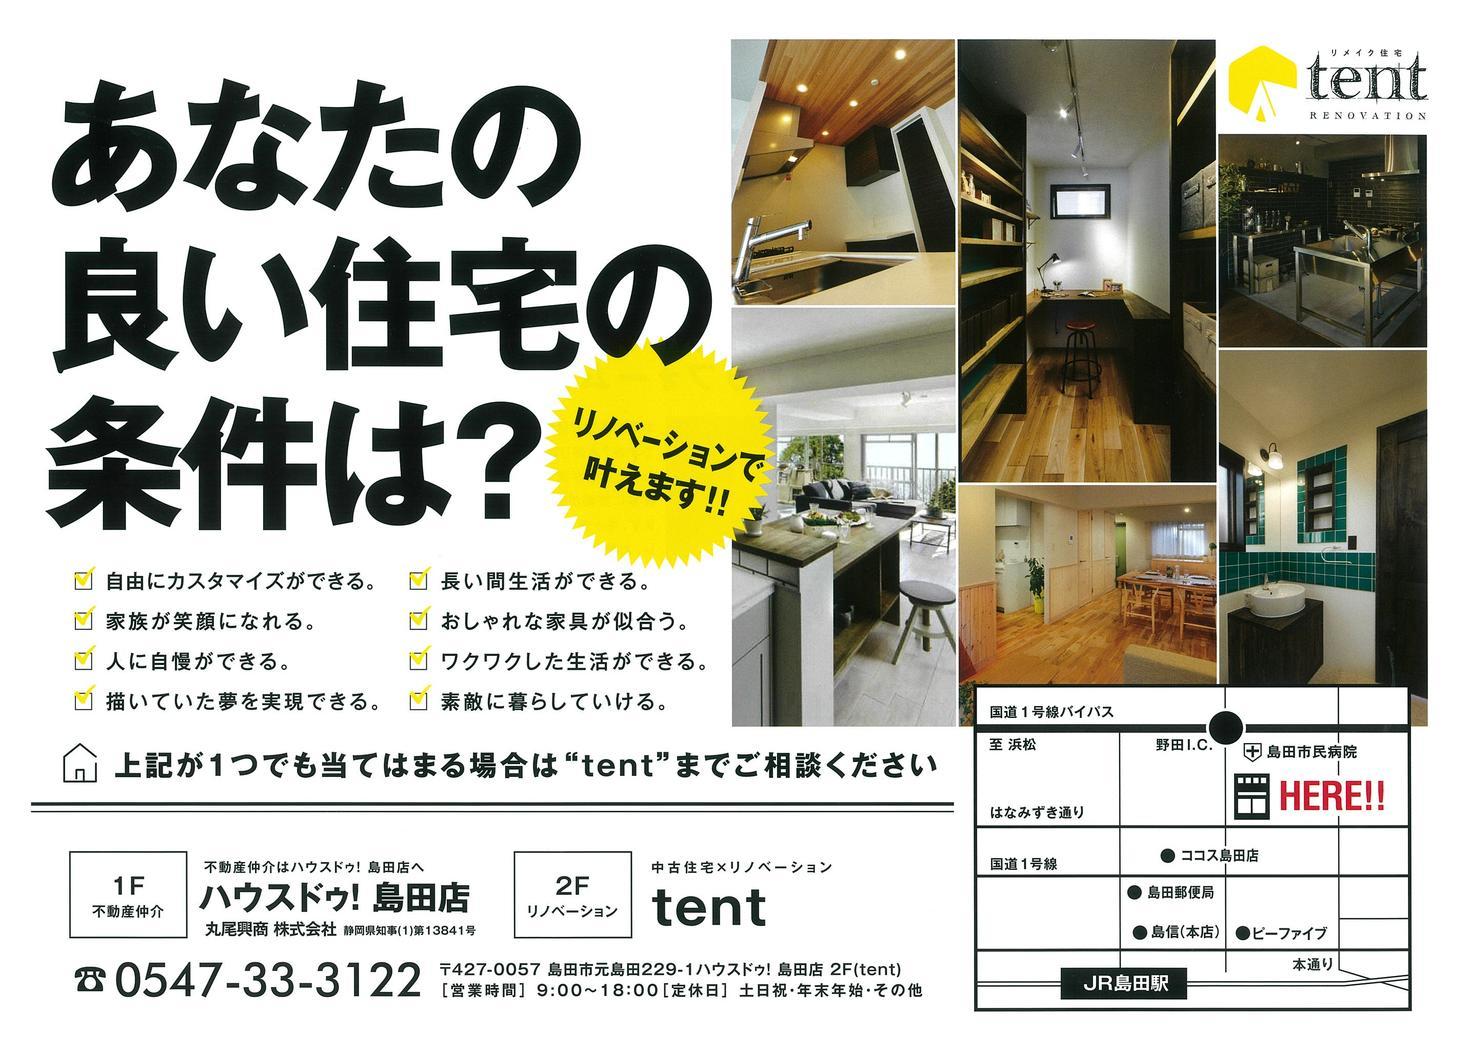 """ハウスドゥ島田店 リノーベ―ション部門 """"tent""""  堂々オープン!"""